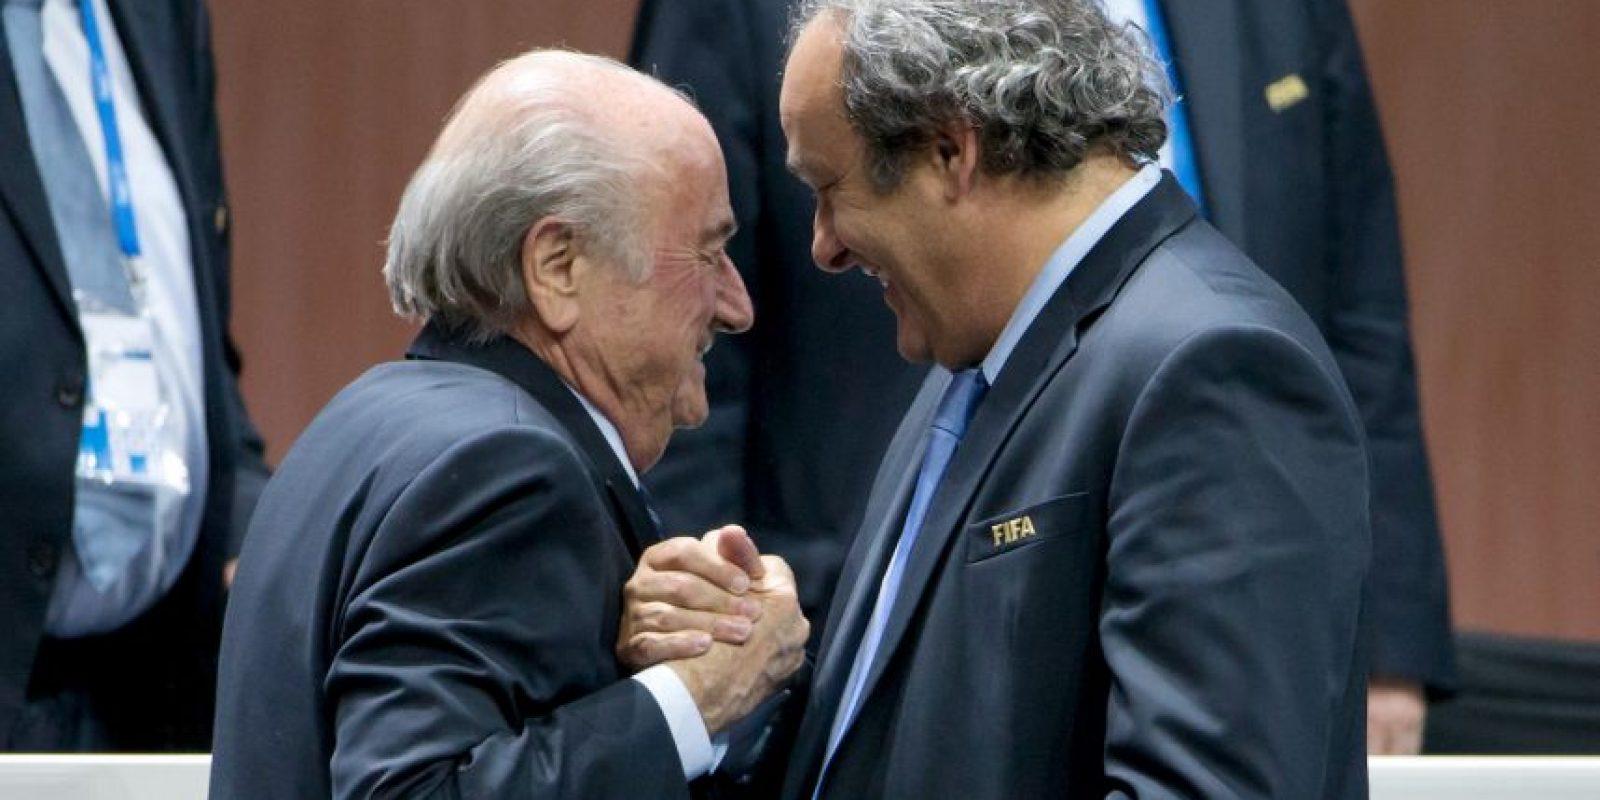 En esta ciudad estaban reunidos los máximos dirigentes de la FIFA pues su 65º Congreso arrancaría el 28 de mayo, y el 29 habría elecciones para escoger al nuevo presidente donde los candidatos eran Joseph Blatter y el príncipe Ali Bin Al-Hussein. Foto:Getty Images